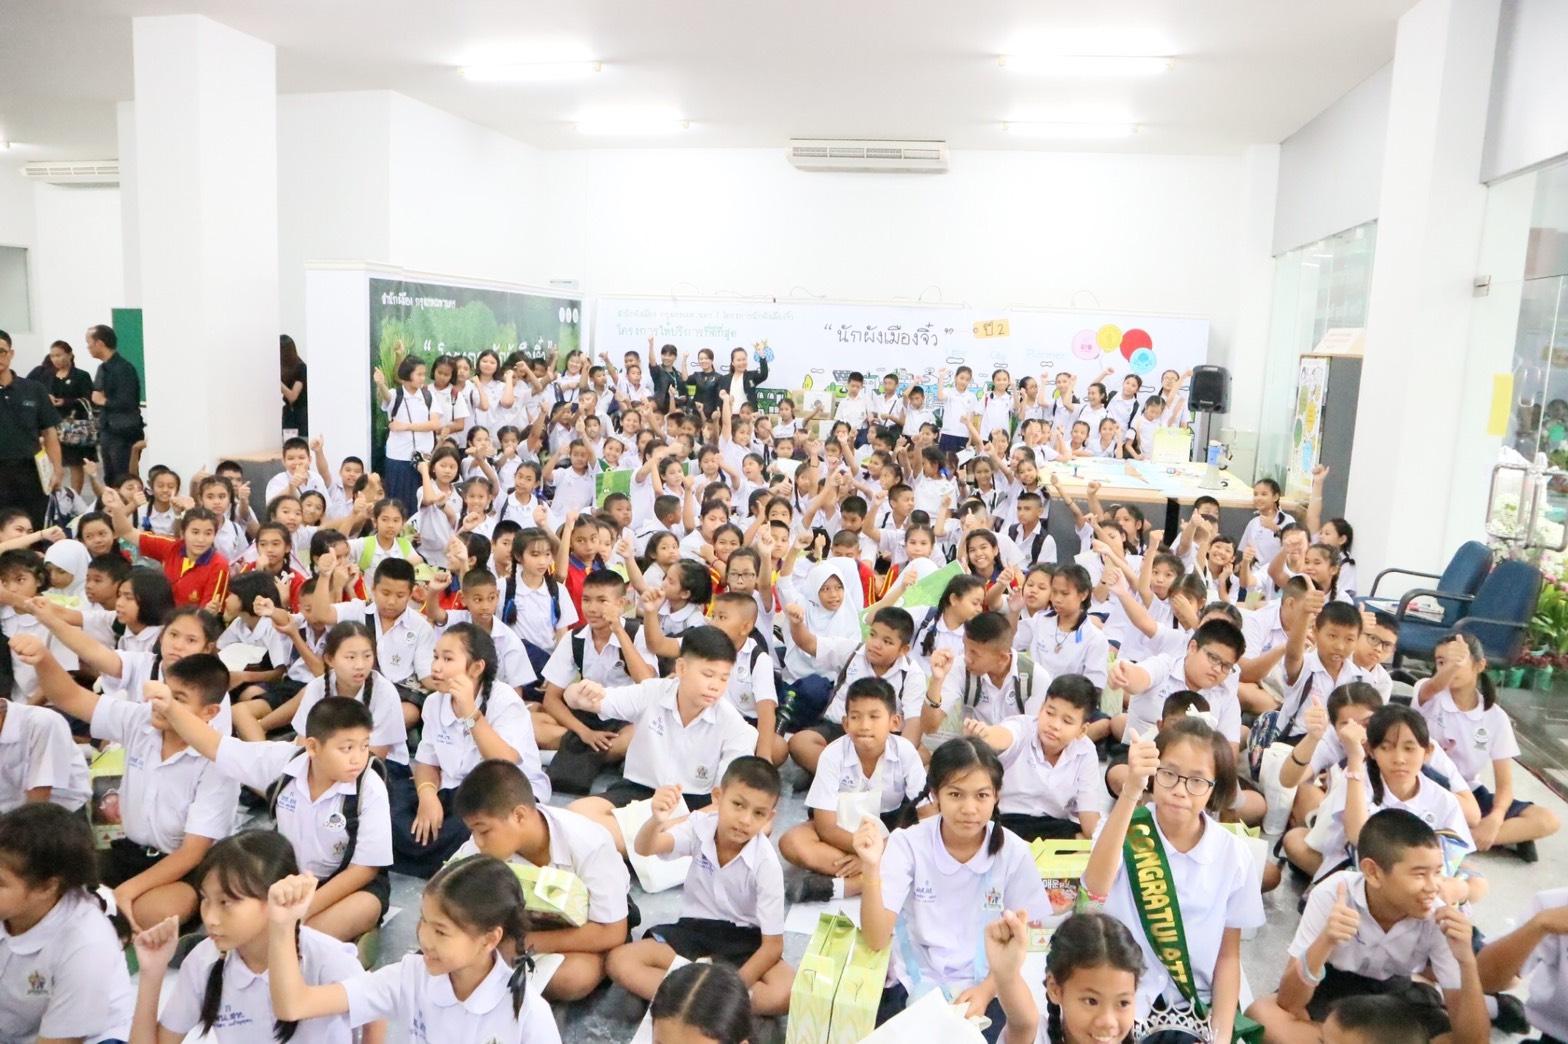 สผม.ปิดโครงการนักผังเมืองจิ๋ว รุ่นที่ 2 ประจำปี 2560